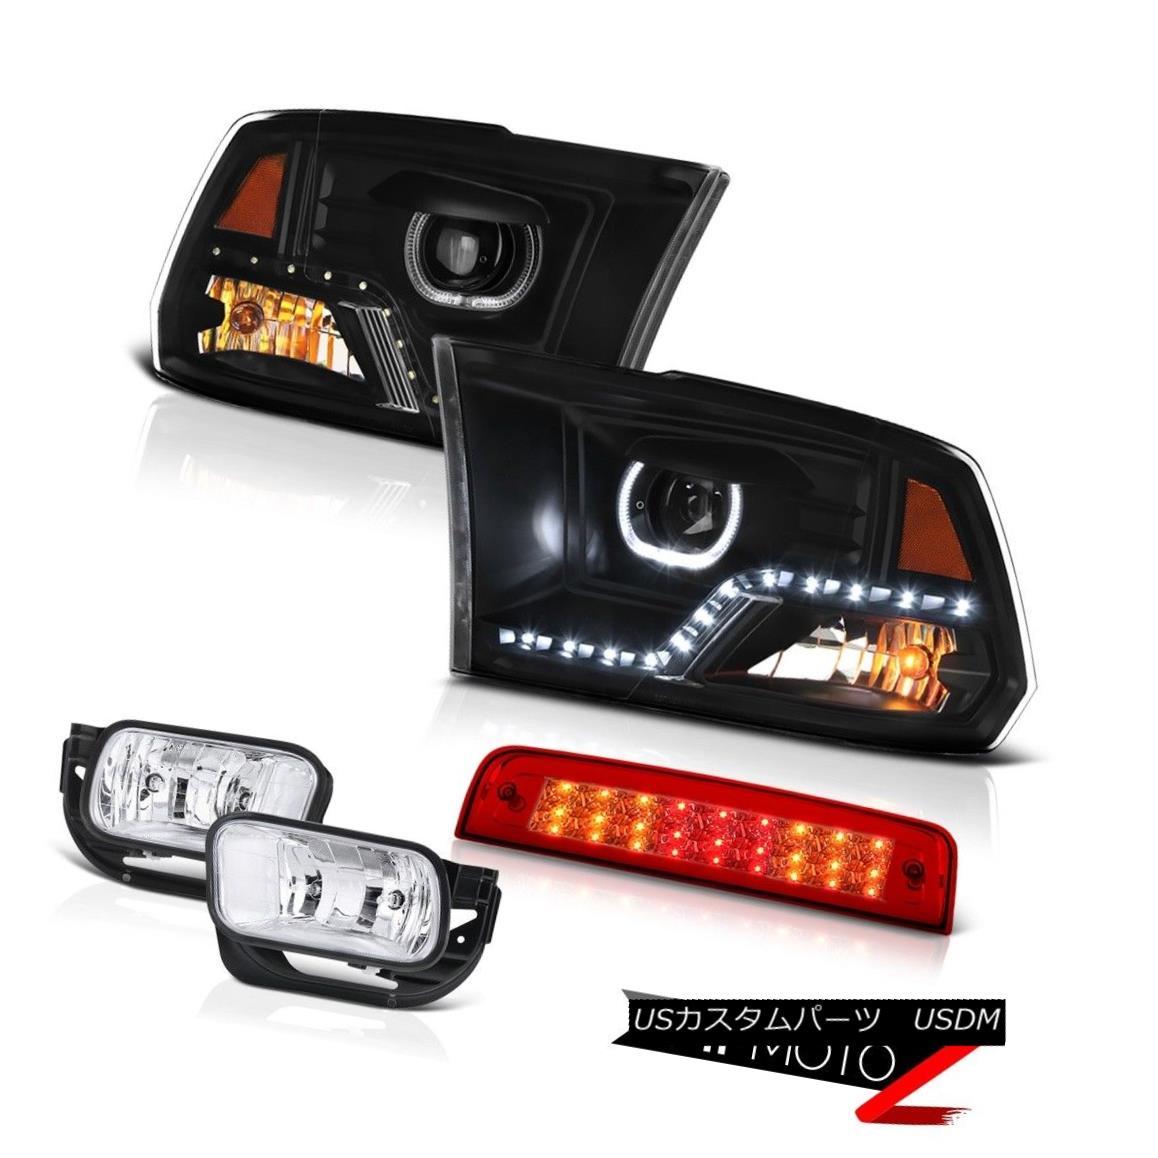 テールライト 2009-2013 Dodge RAM 1500 2500 Inky Black Headlamp 3rd Brake Light Fog Lights SET 2009-2013 Dodge RAM 1500 2500 Inky Blackヘッドランプ第3ブレーキライトフォグライトSET